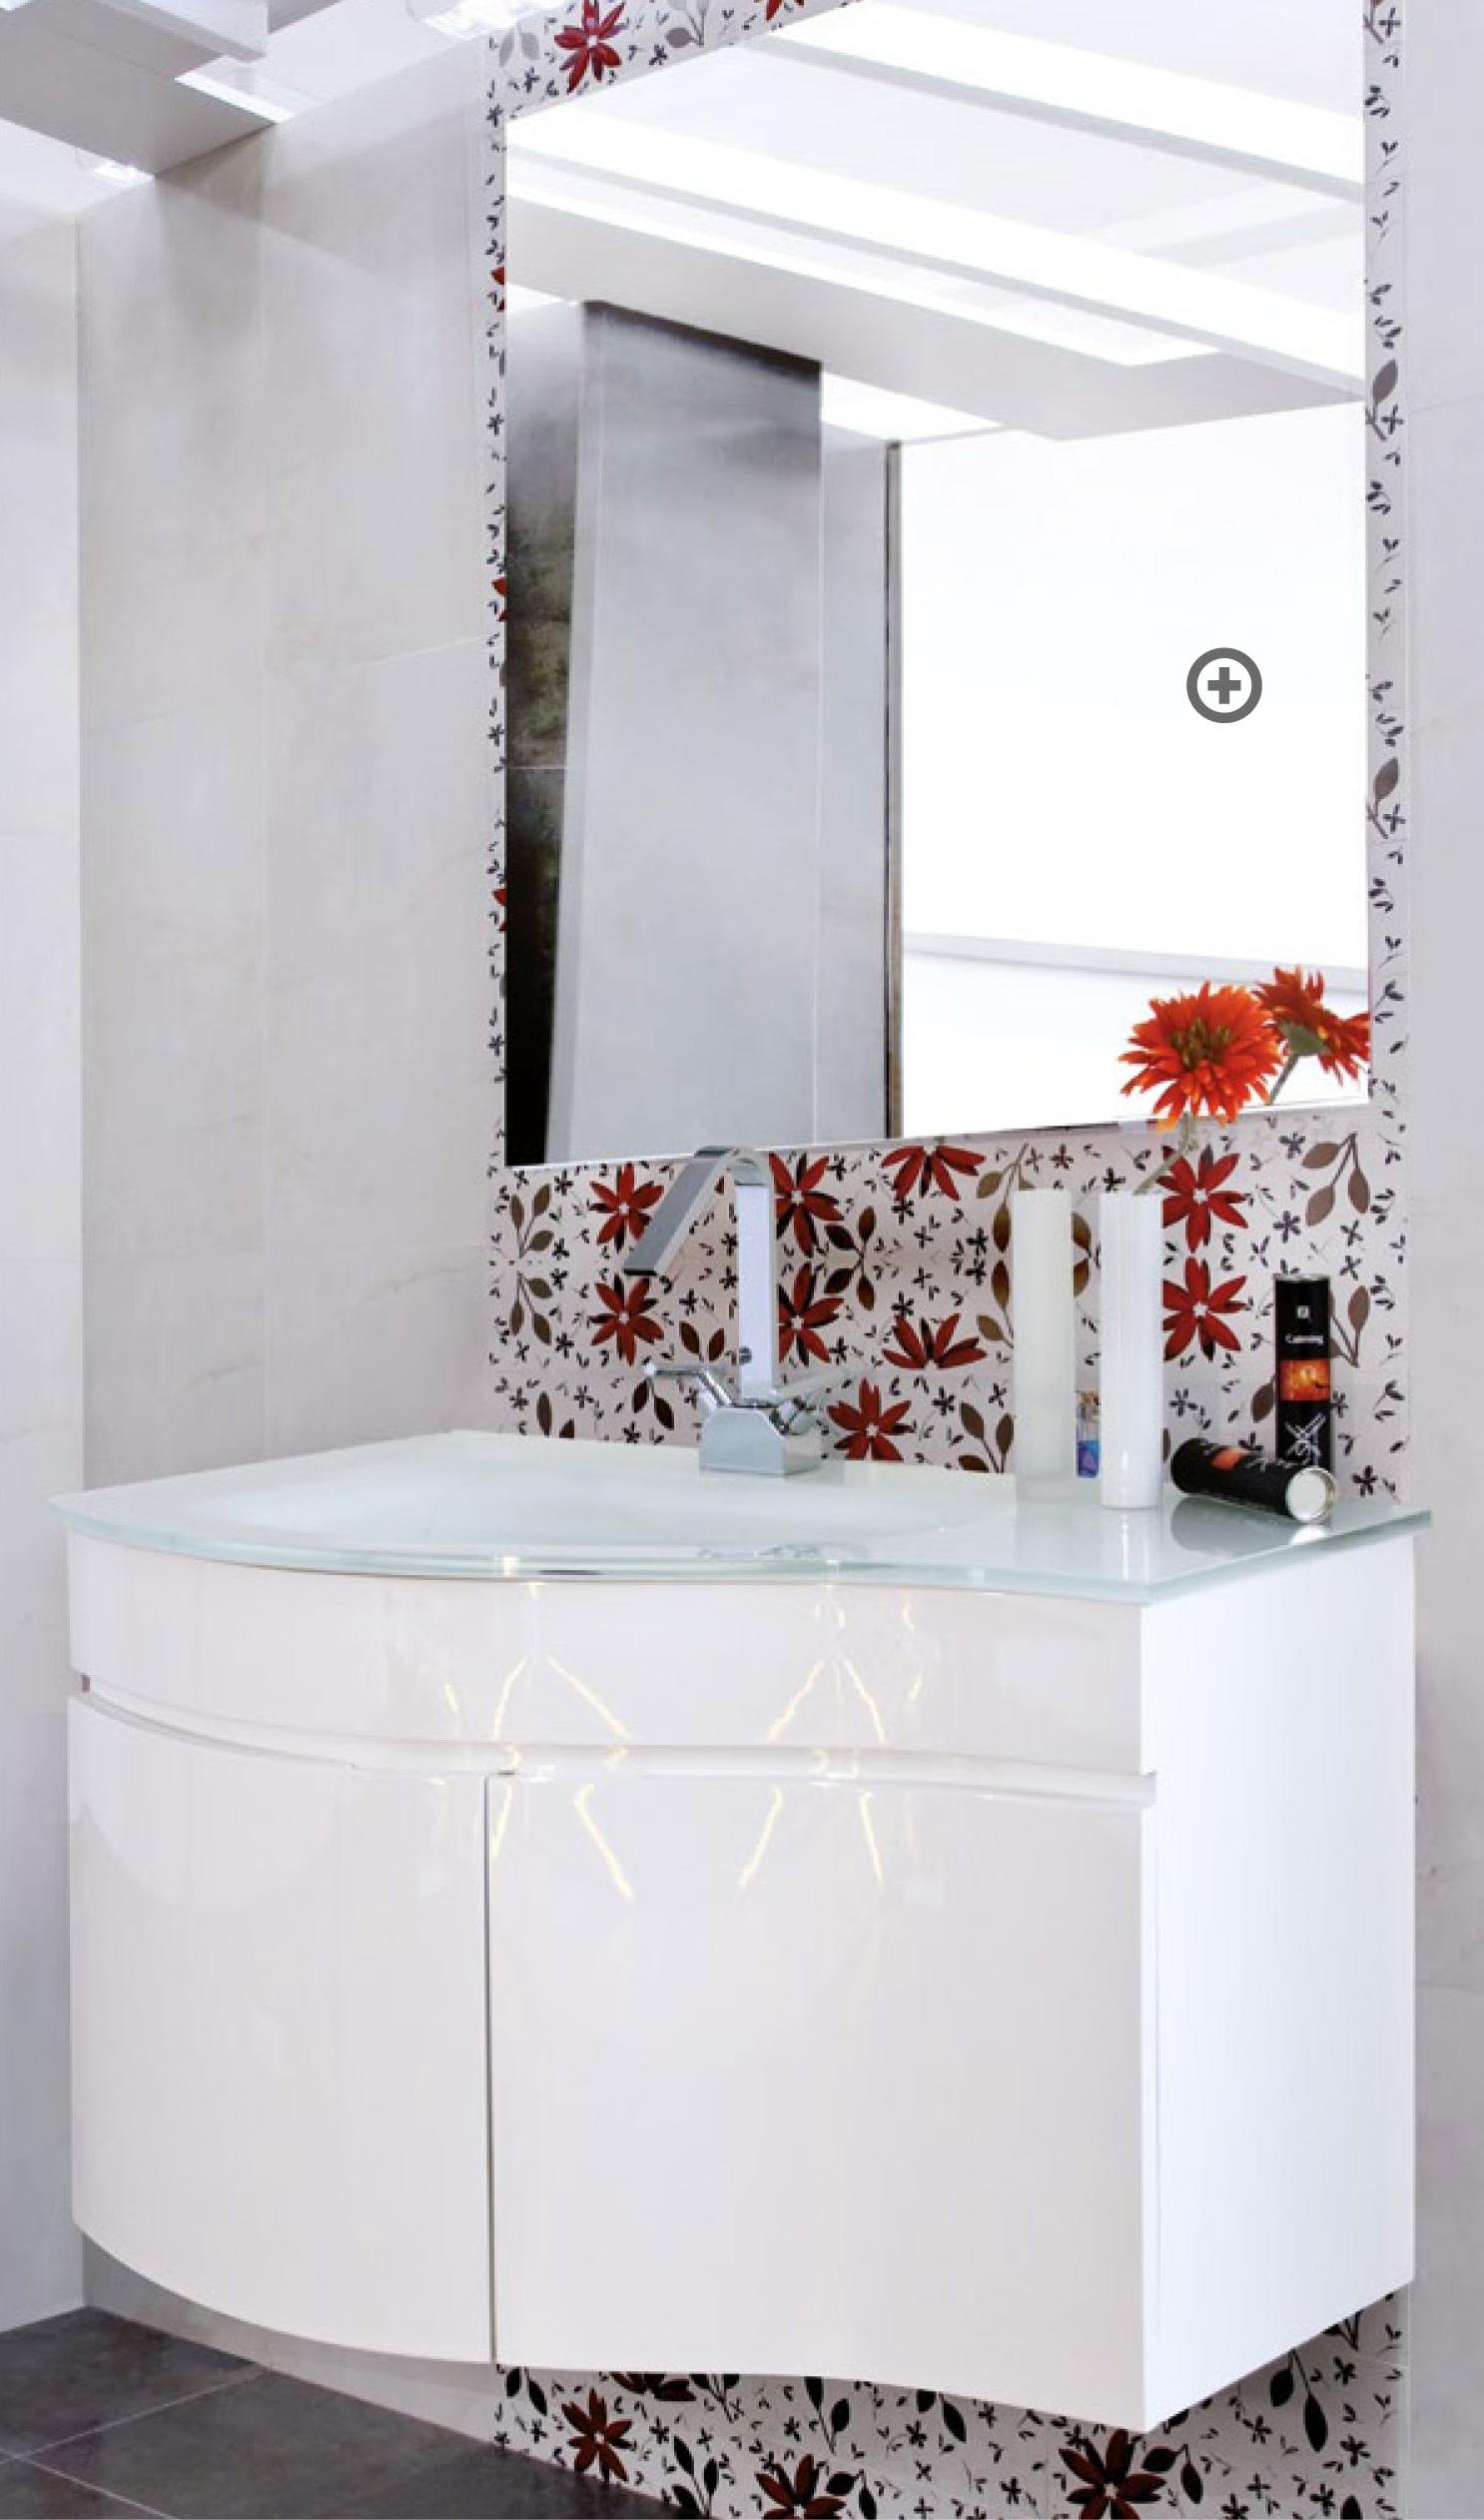 Mobile bagno dalia bianco pratiko store - Mobile bianco bagno ...